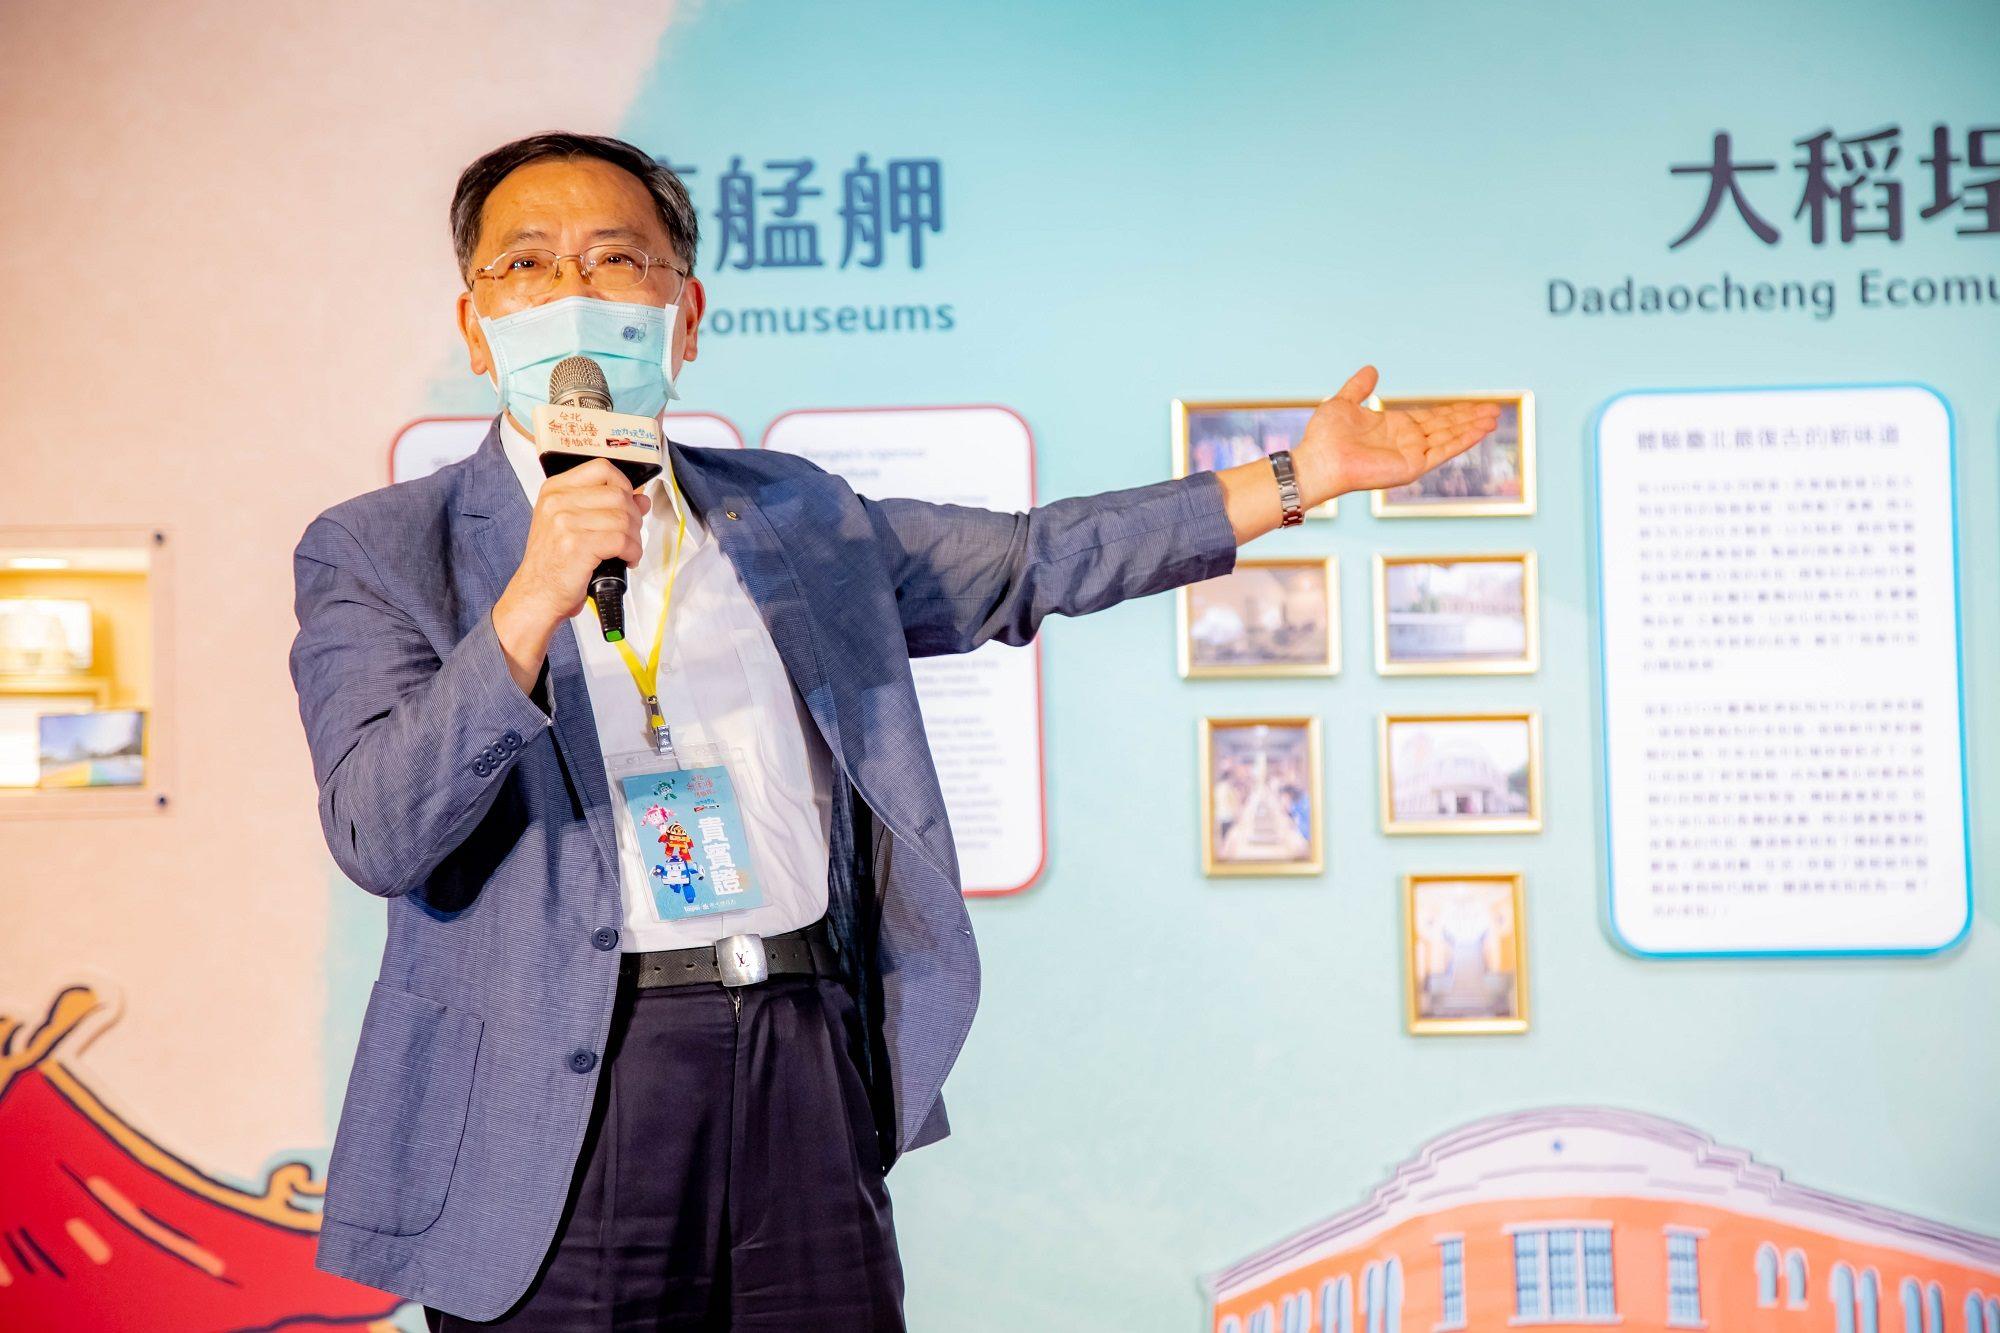 台北市副市長蔡炳坤表示,無圍牆博物館就是打破博物館的圍牆框架,走進城區與生活,讓故事在身邊流動。